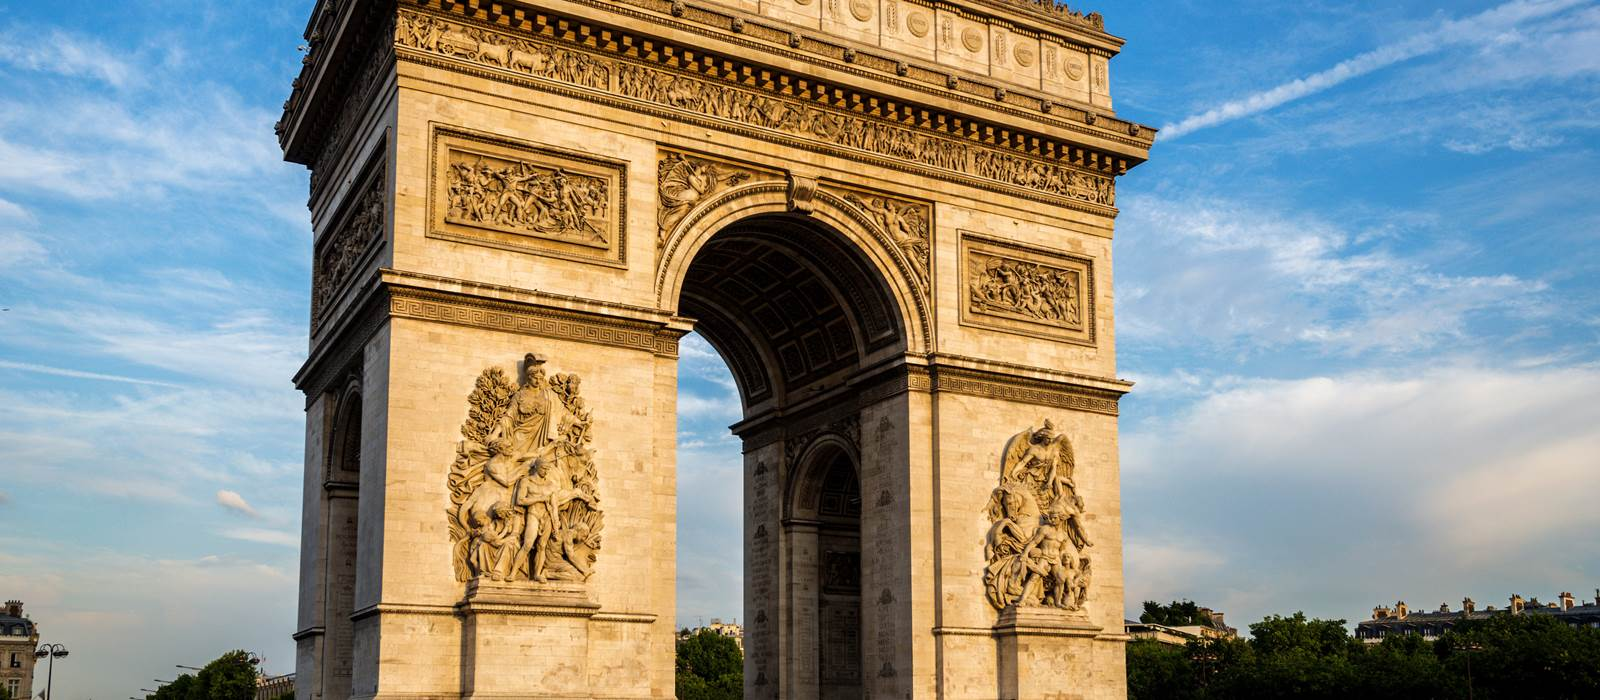 Arc De Triomphe Paris: The Arc De Triomphe In Paris